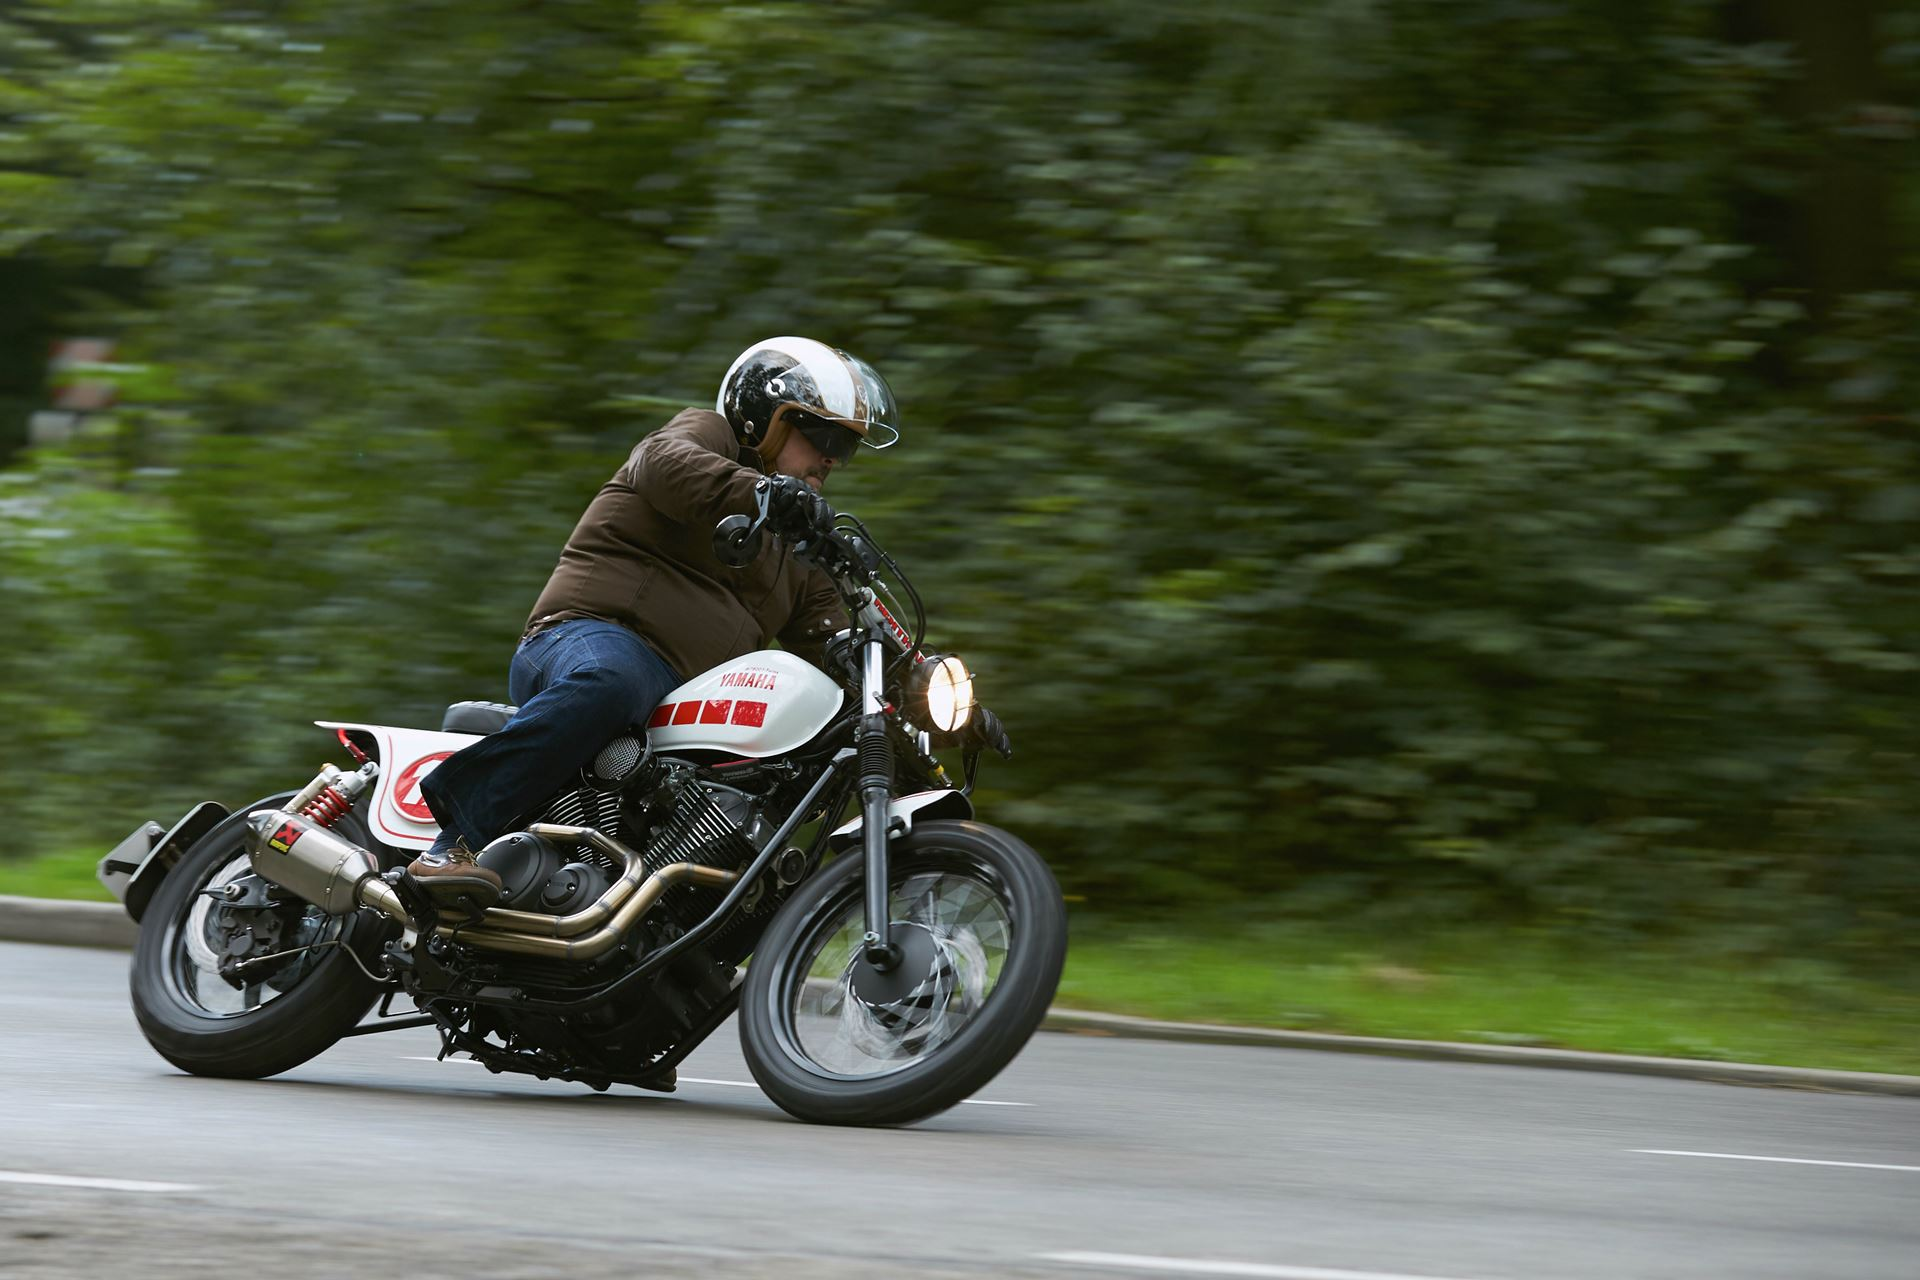 Motor 7 vence em glemseck o yamaha dealer built for Yamaha dealers in delaware